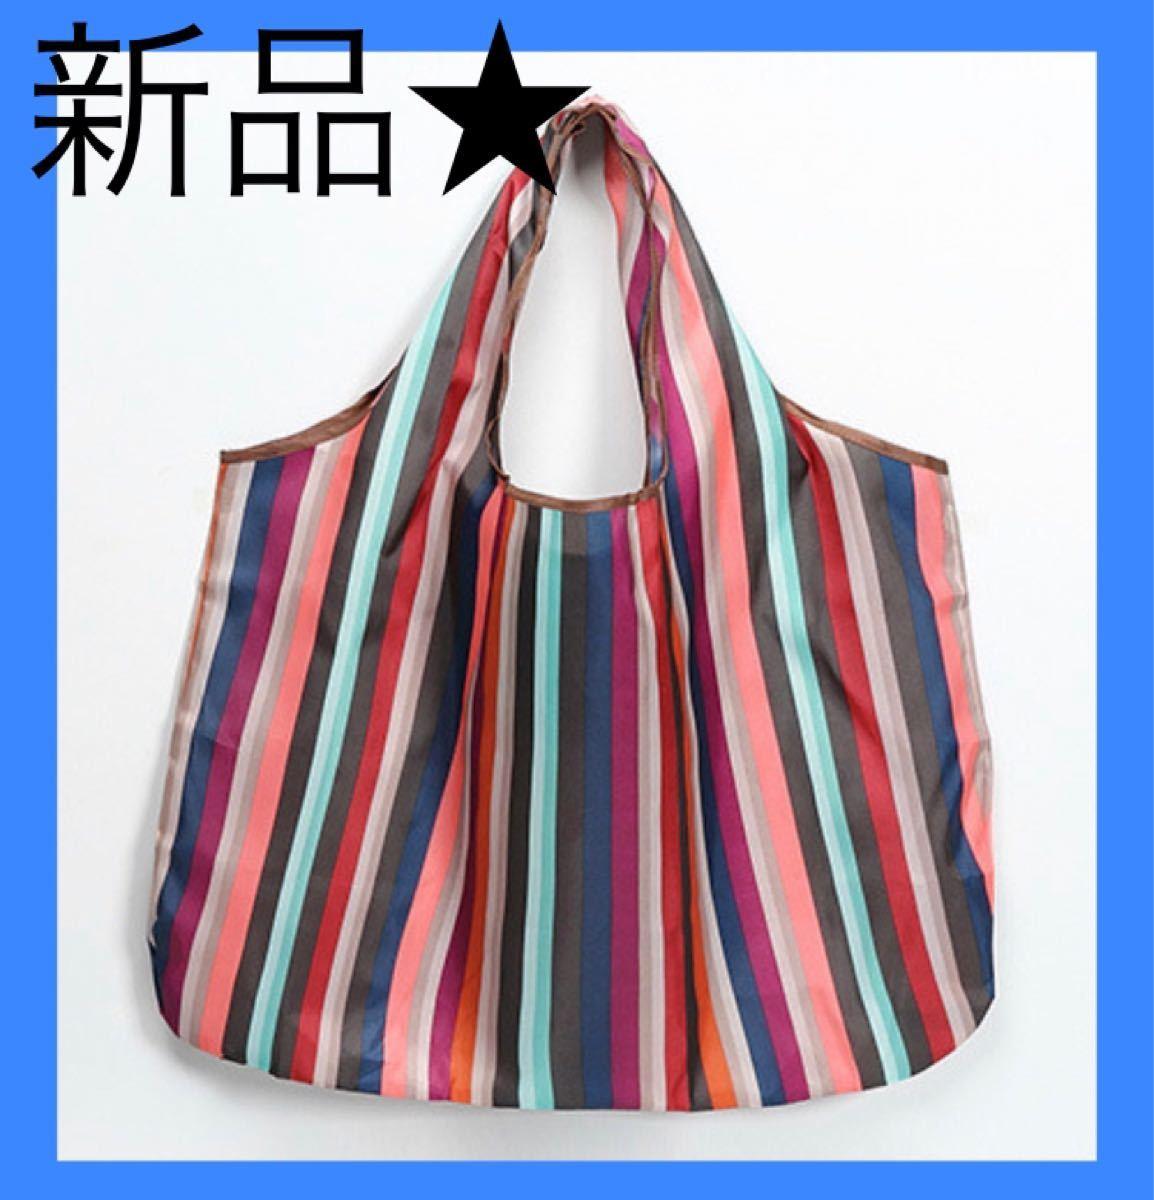 エコバッグ ストライプ ショッピングバッグ 買い物バッグ 大容量 防水